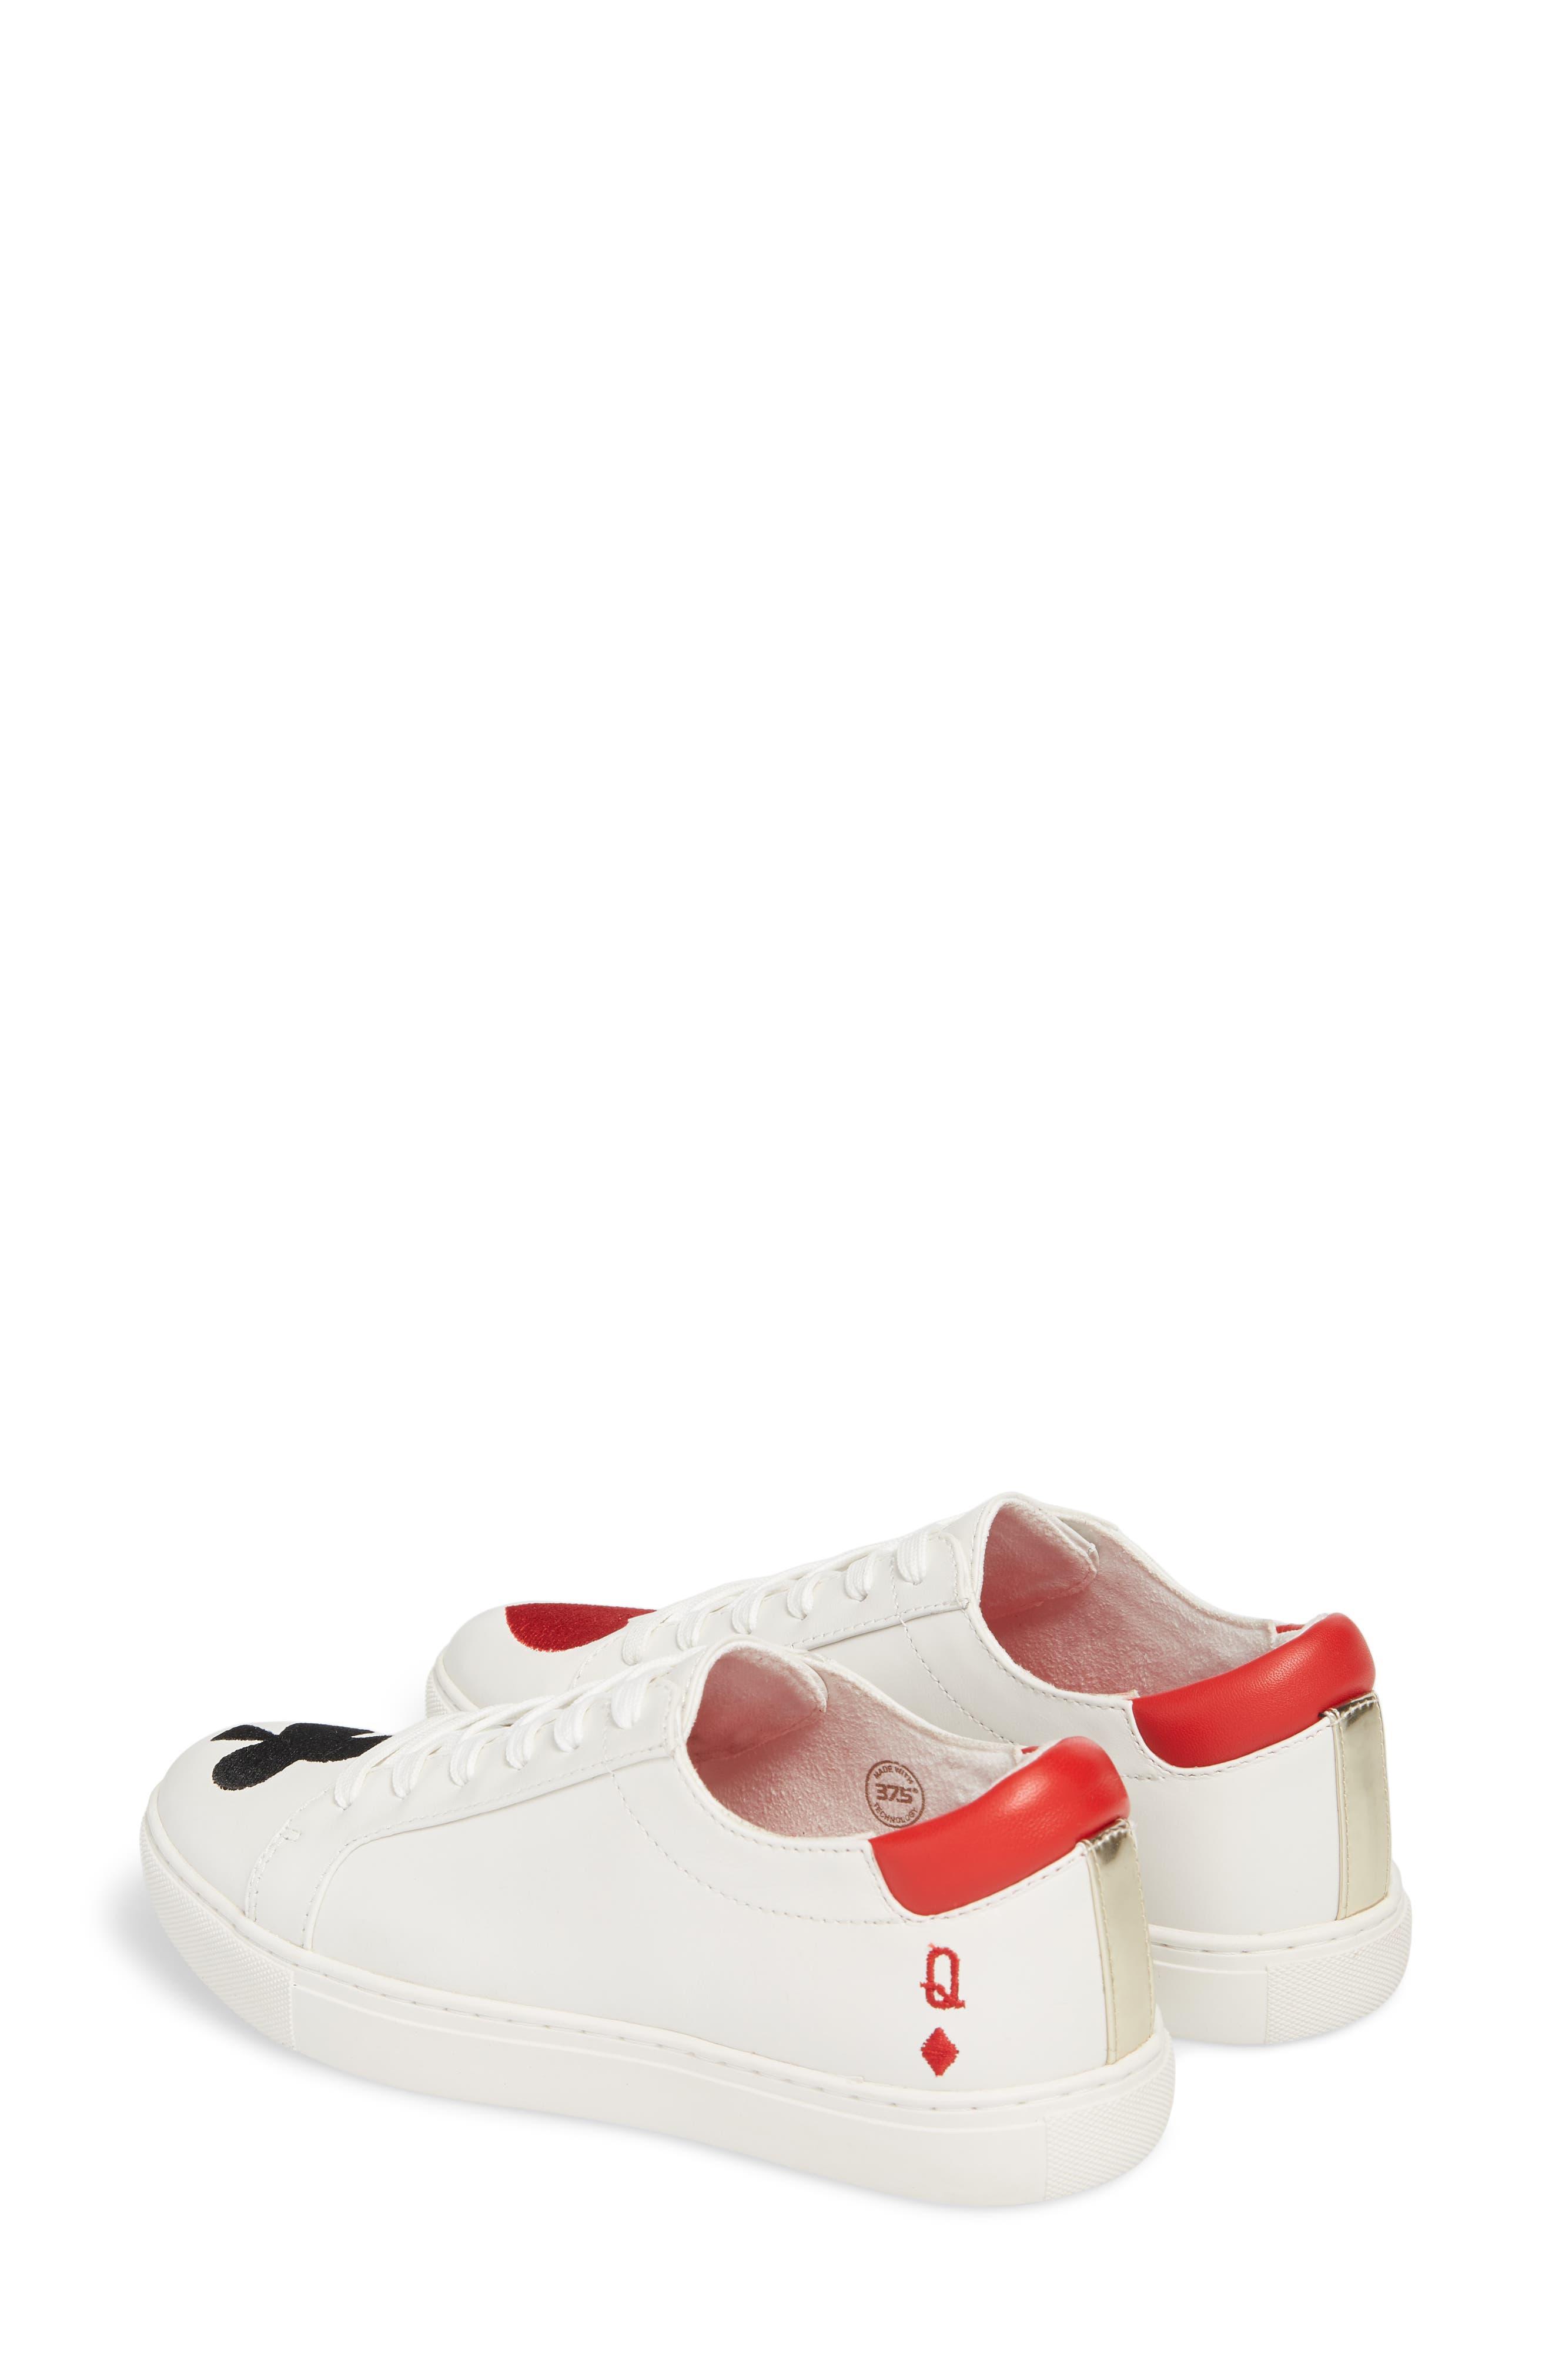 'Kam' Sneaker,                             Alternate thumbnail 3, color,                             White Red Black Leather